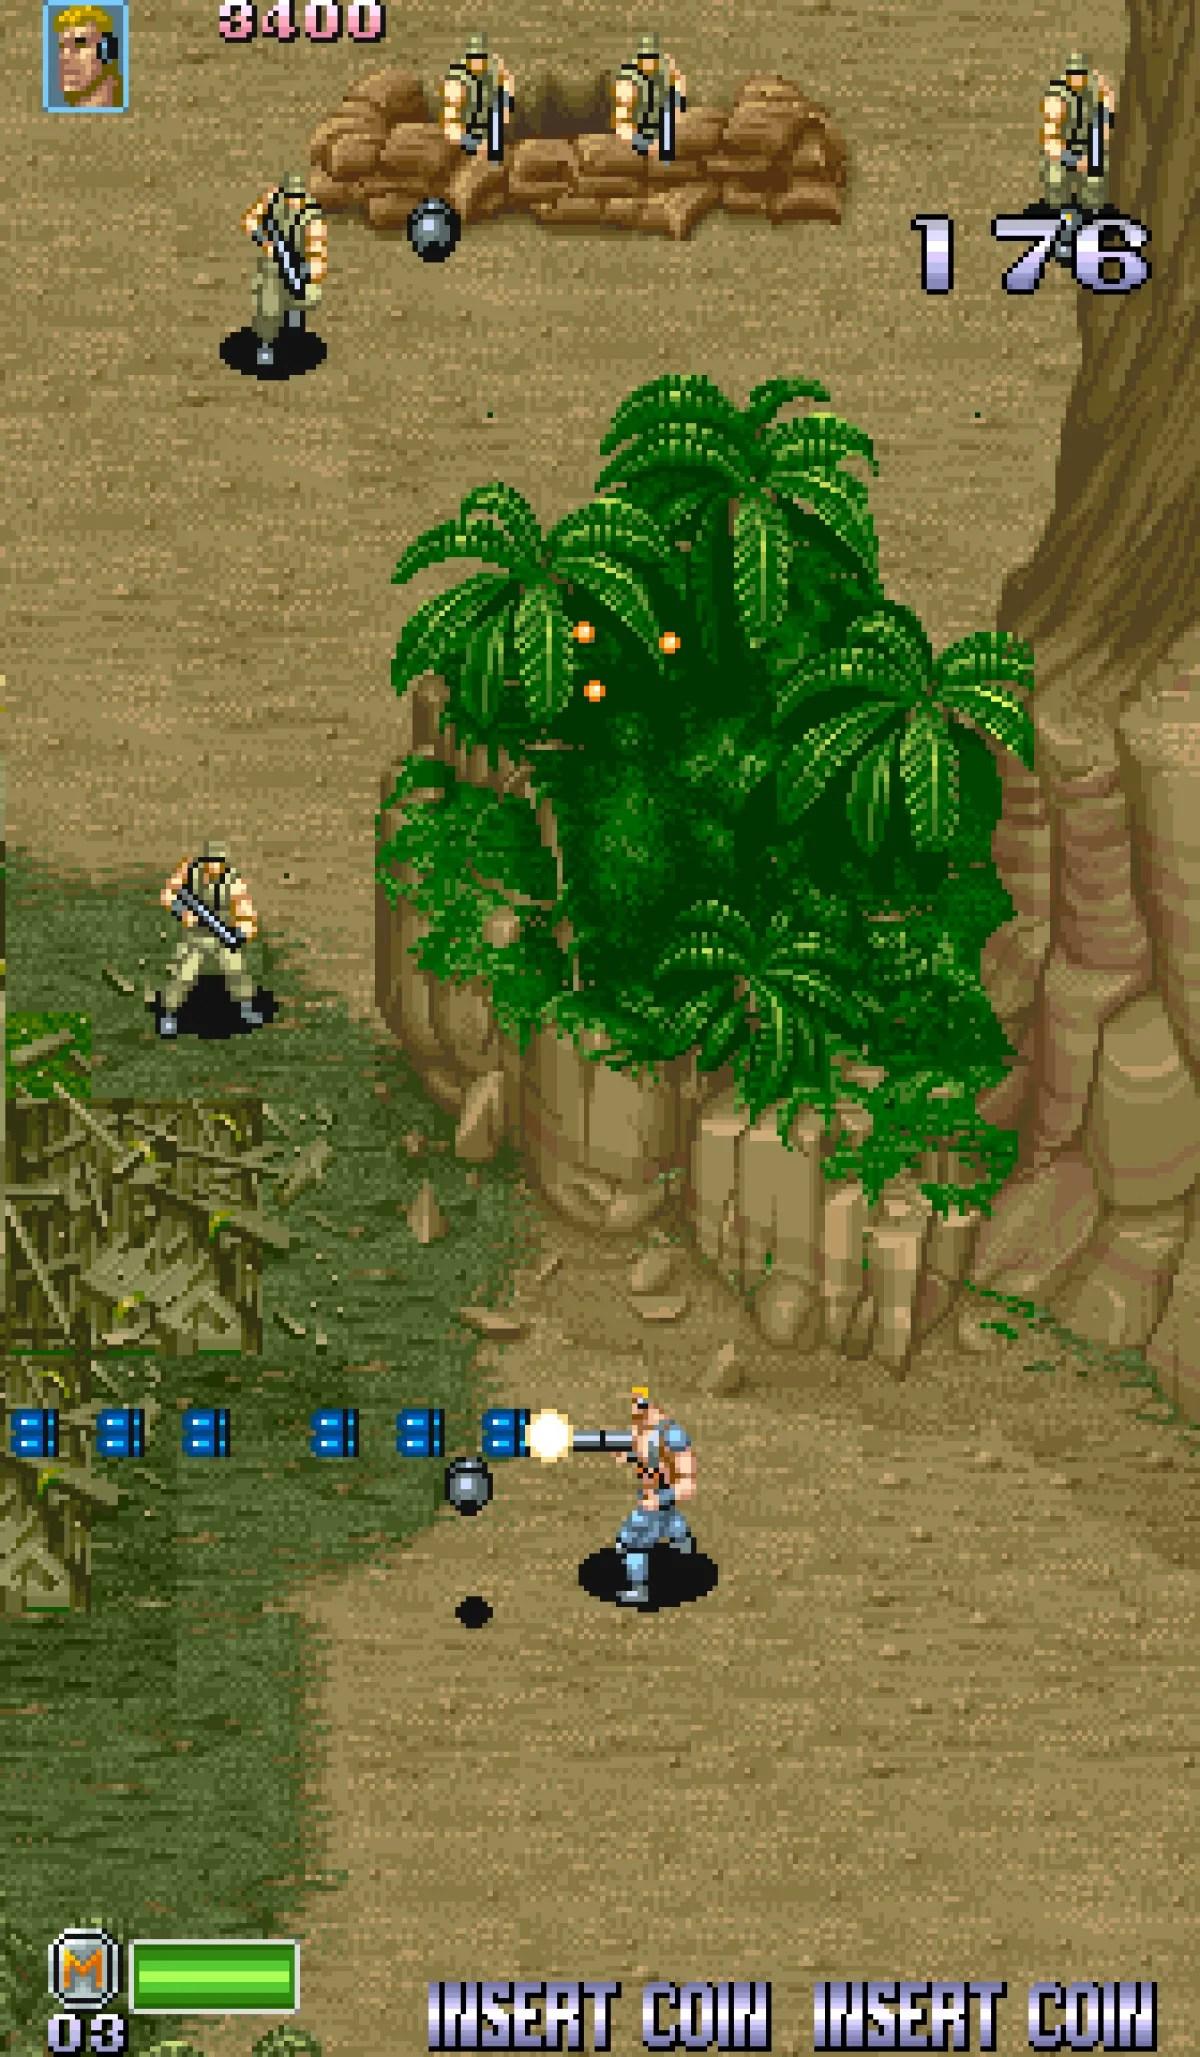 Juegos De Guerra Antigua Ps4 : juegos, guerra, antigua, Mejores, Juegos, Guerra, Retro, Commando,, Cabal,, Mercs..., HobbyConsolas